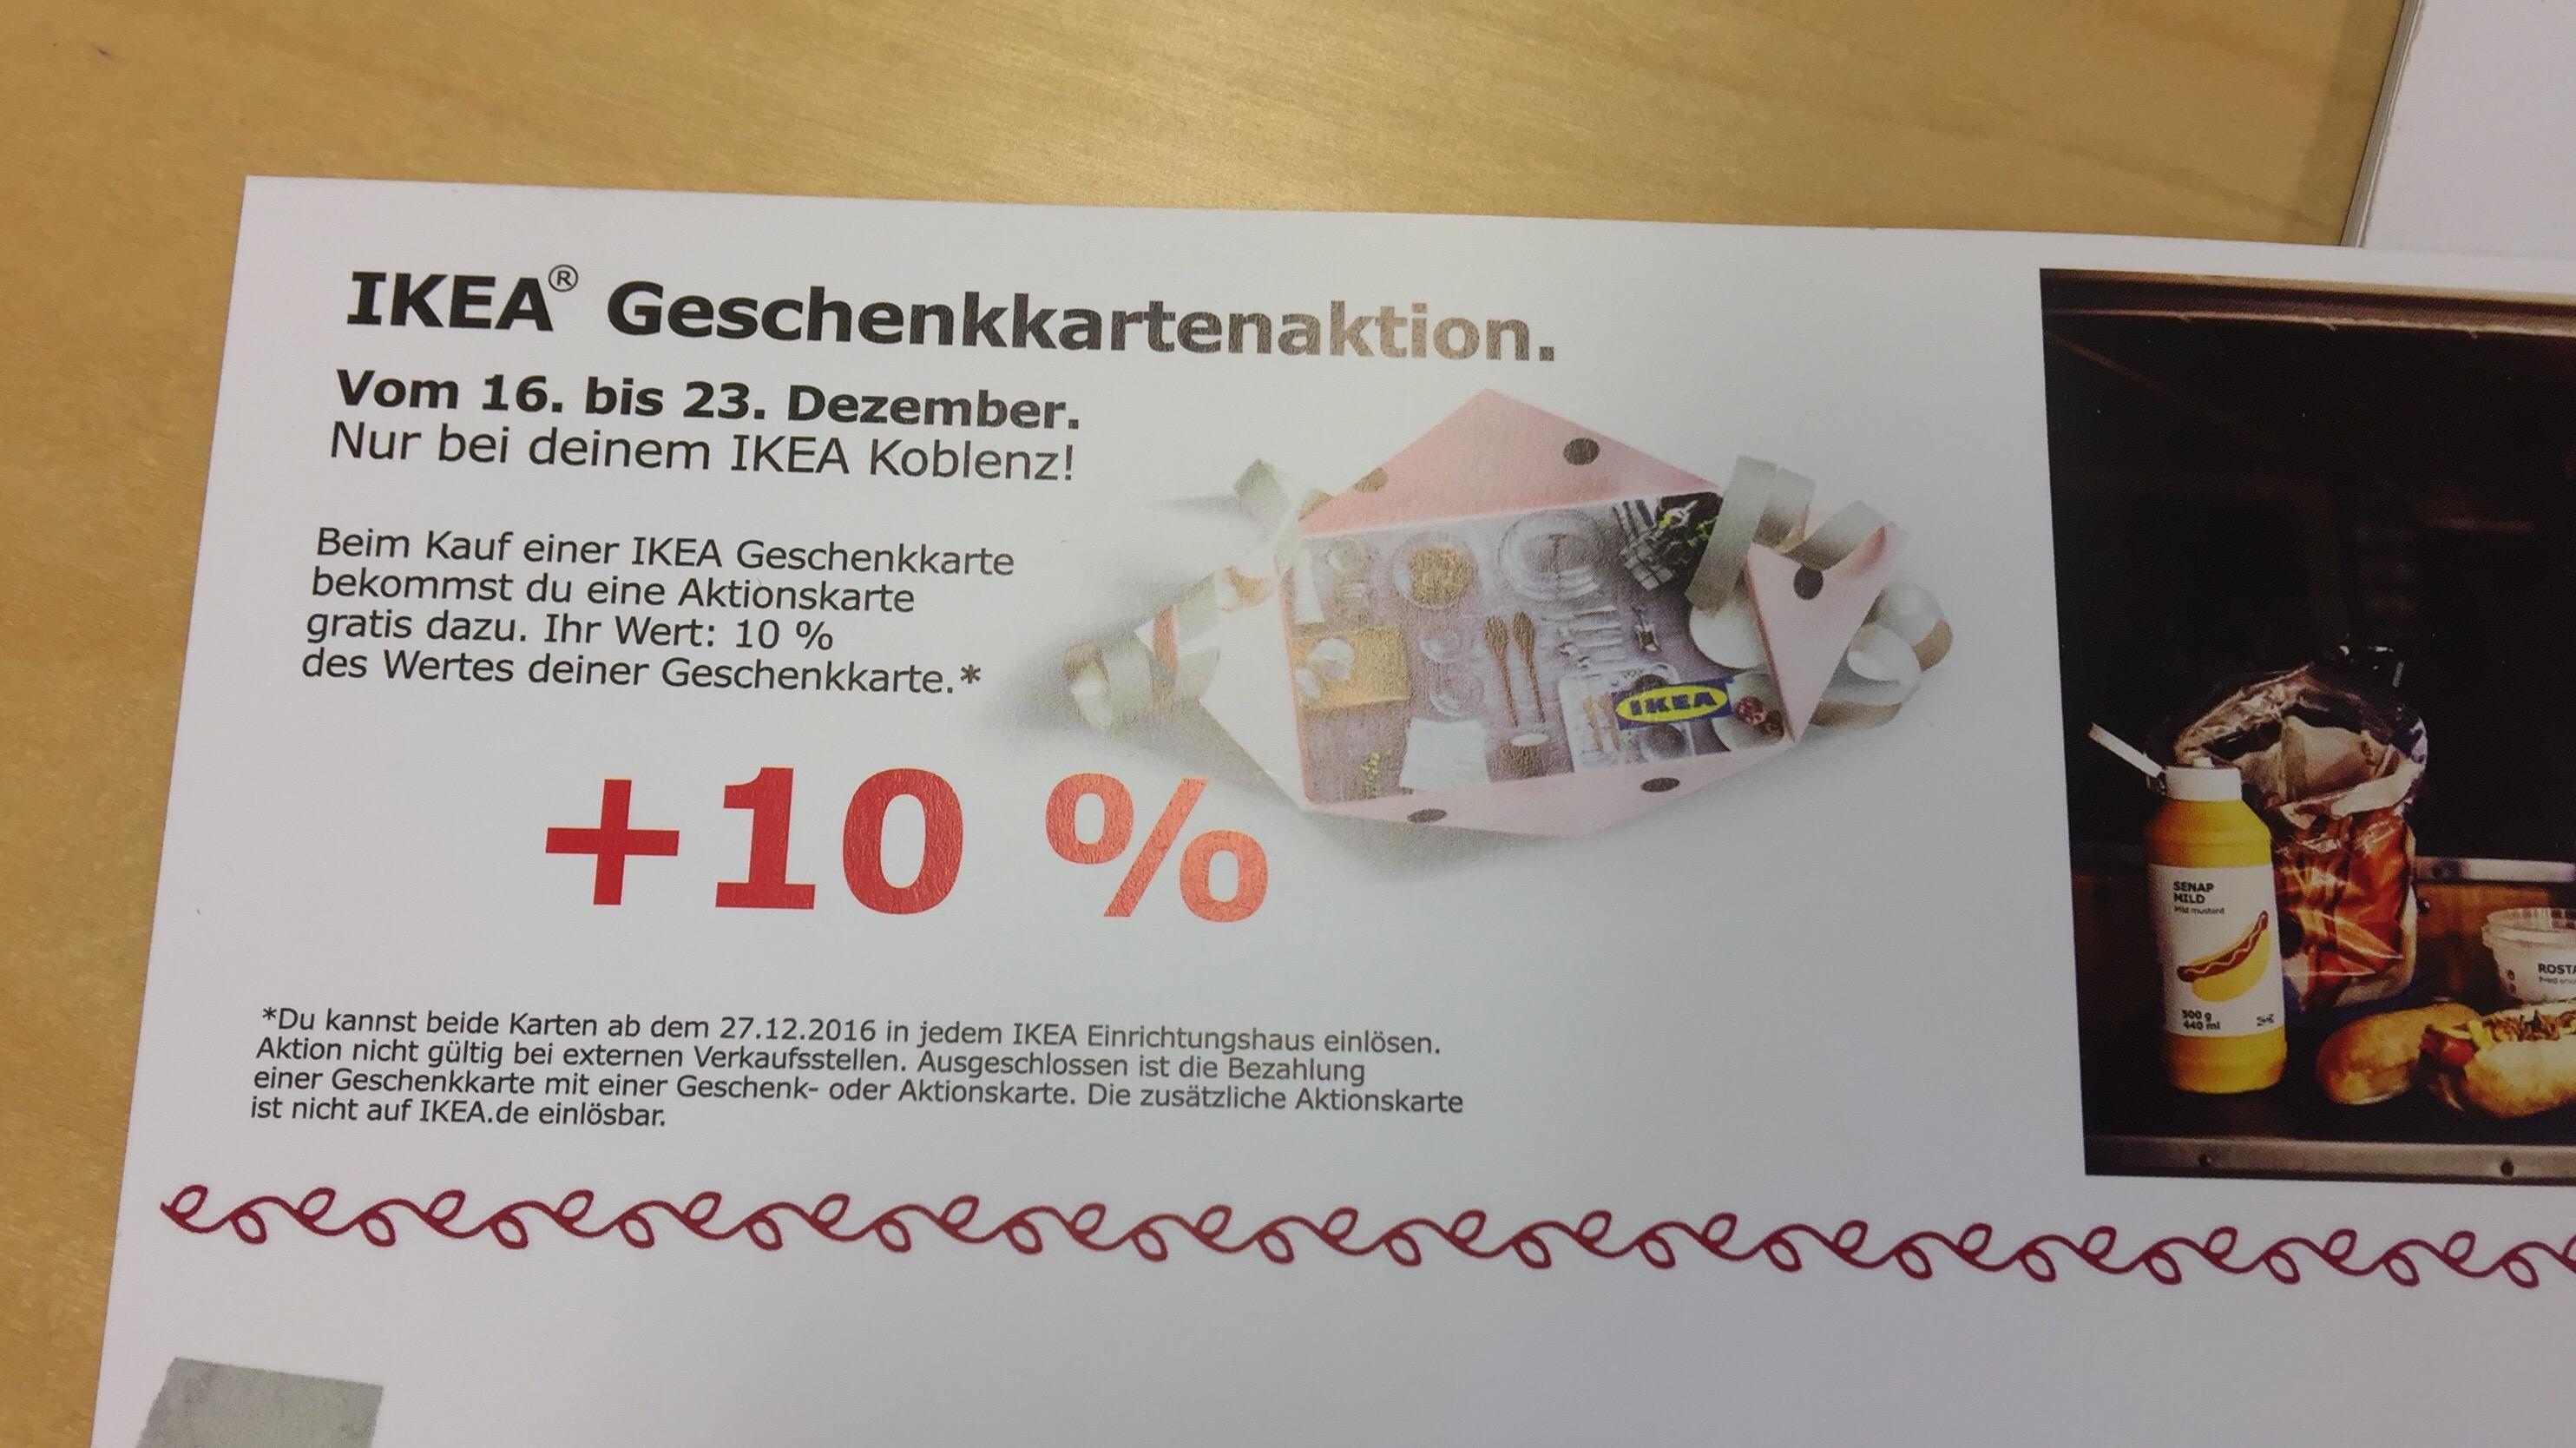 [Vorankündigung, Lokal] IKEA 10% Aktionskarte beim Kauf von Geschenkgutscheinen